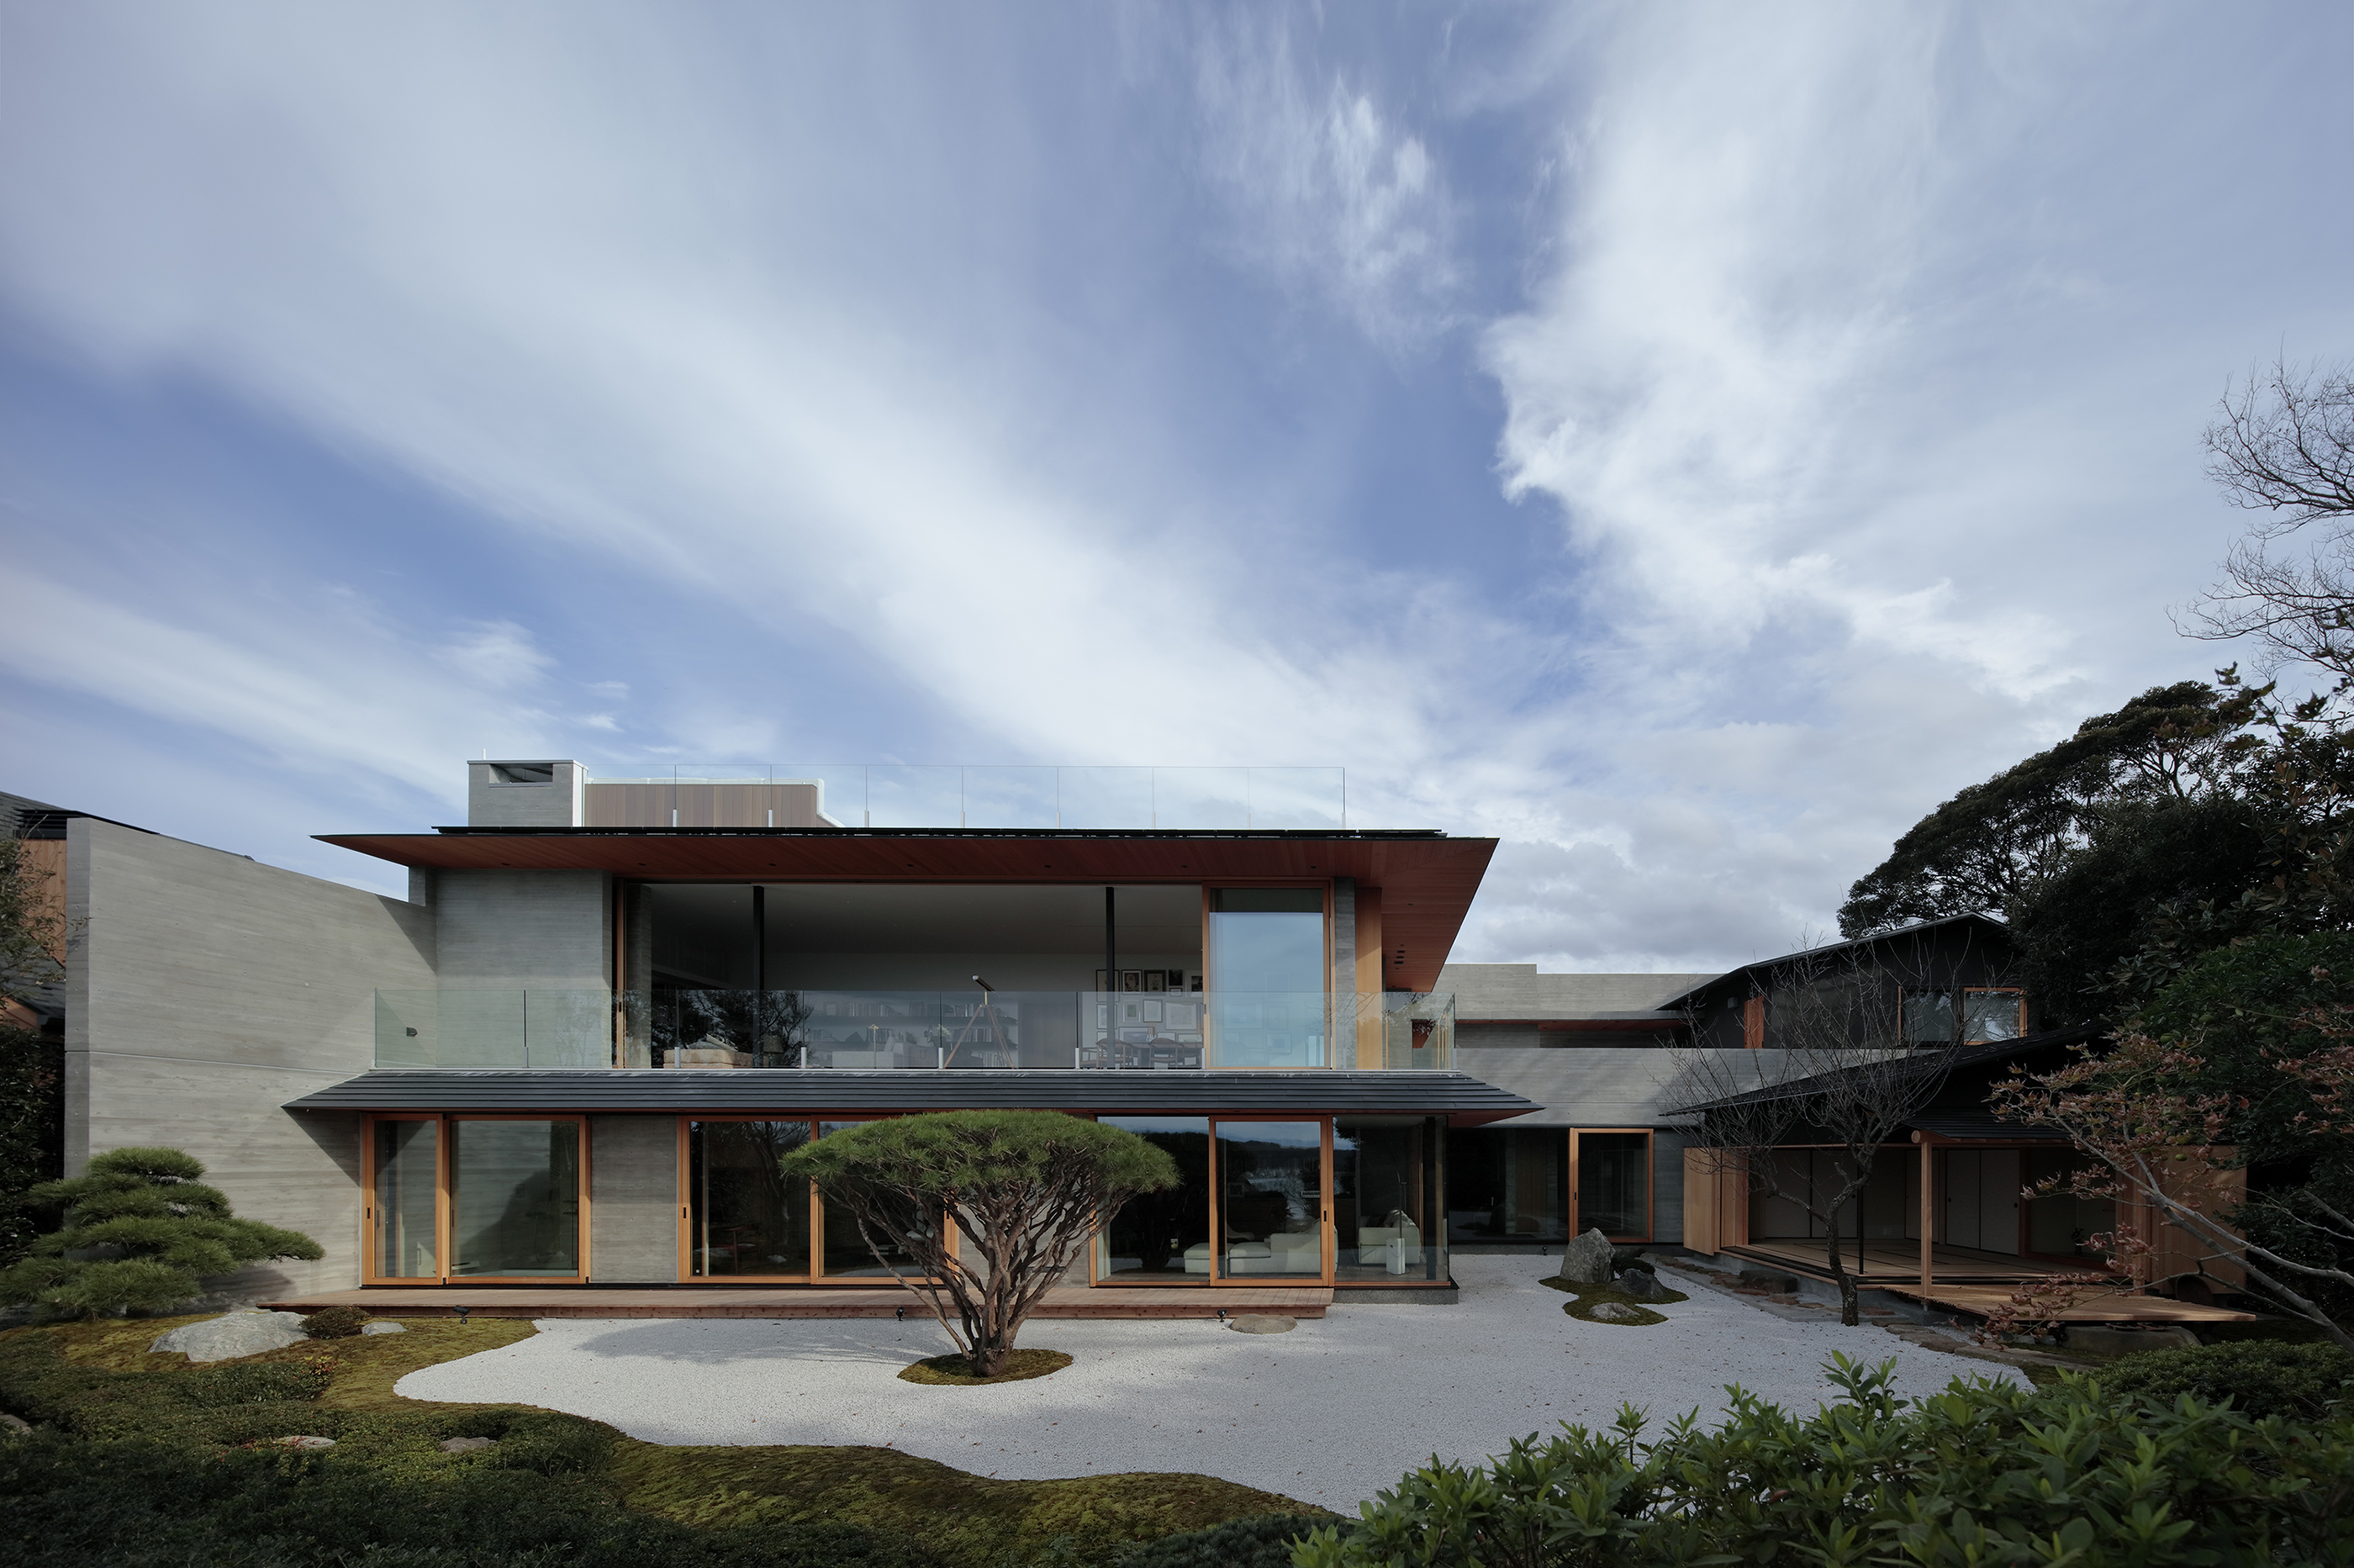 株式会社 キューボデザイン建築計画設計事務所